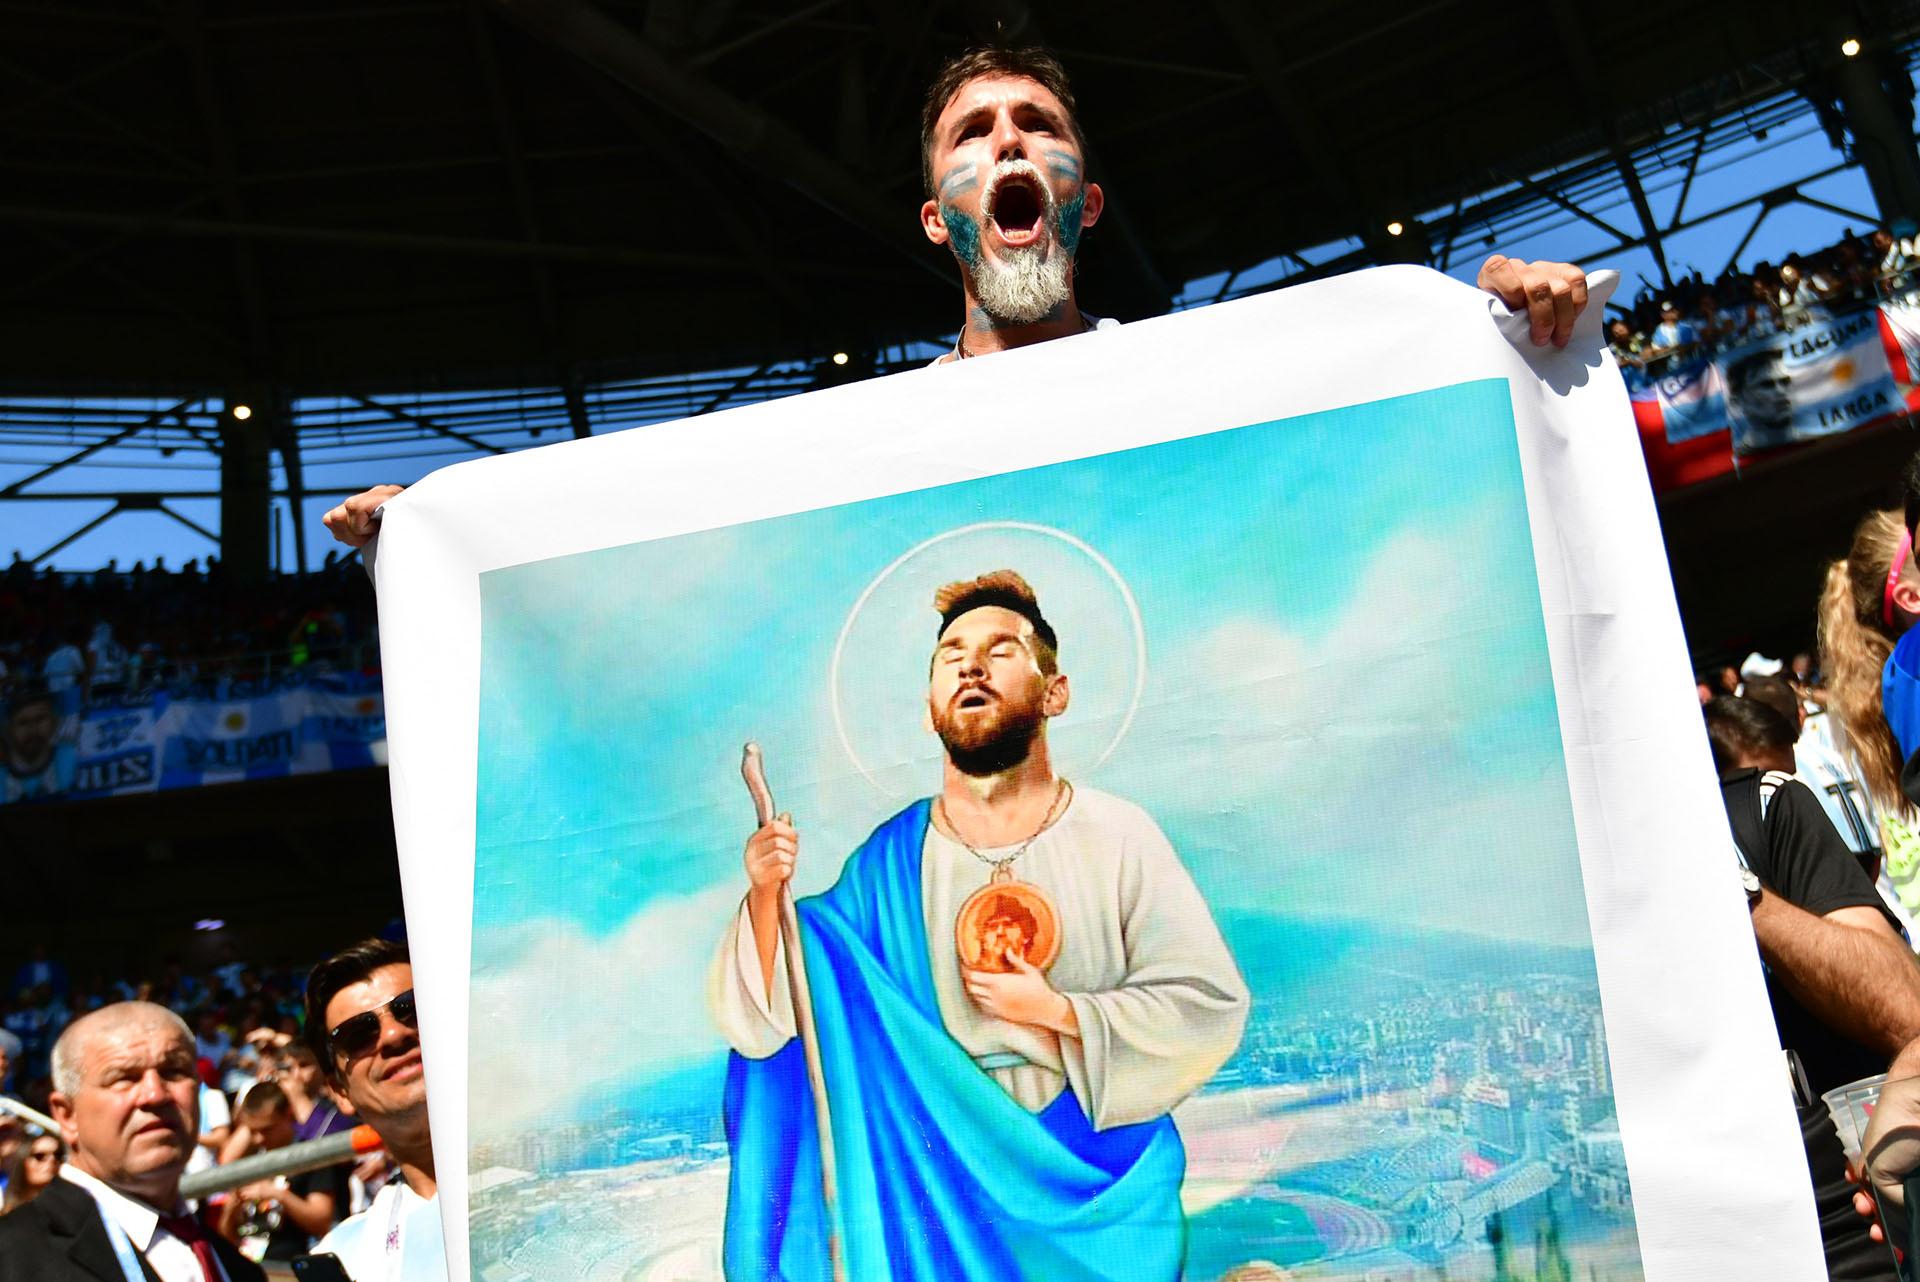 La estampita gigante de Lionel Messi es mostrada por un fanático argentino